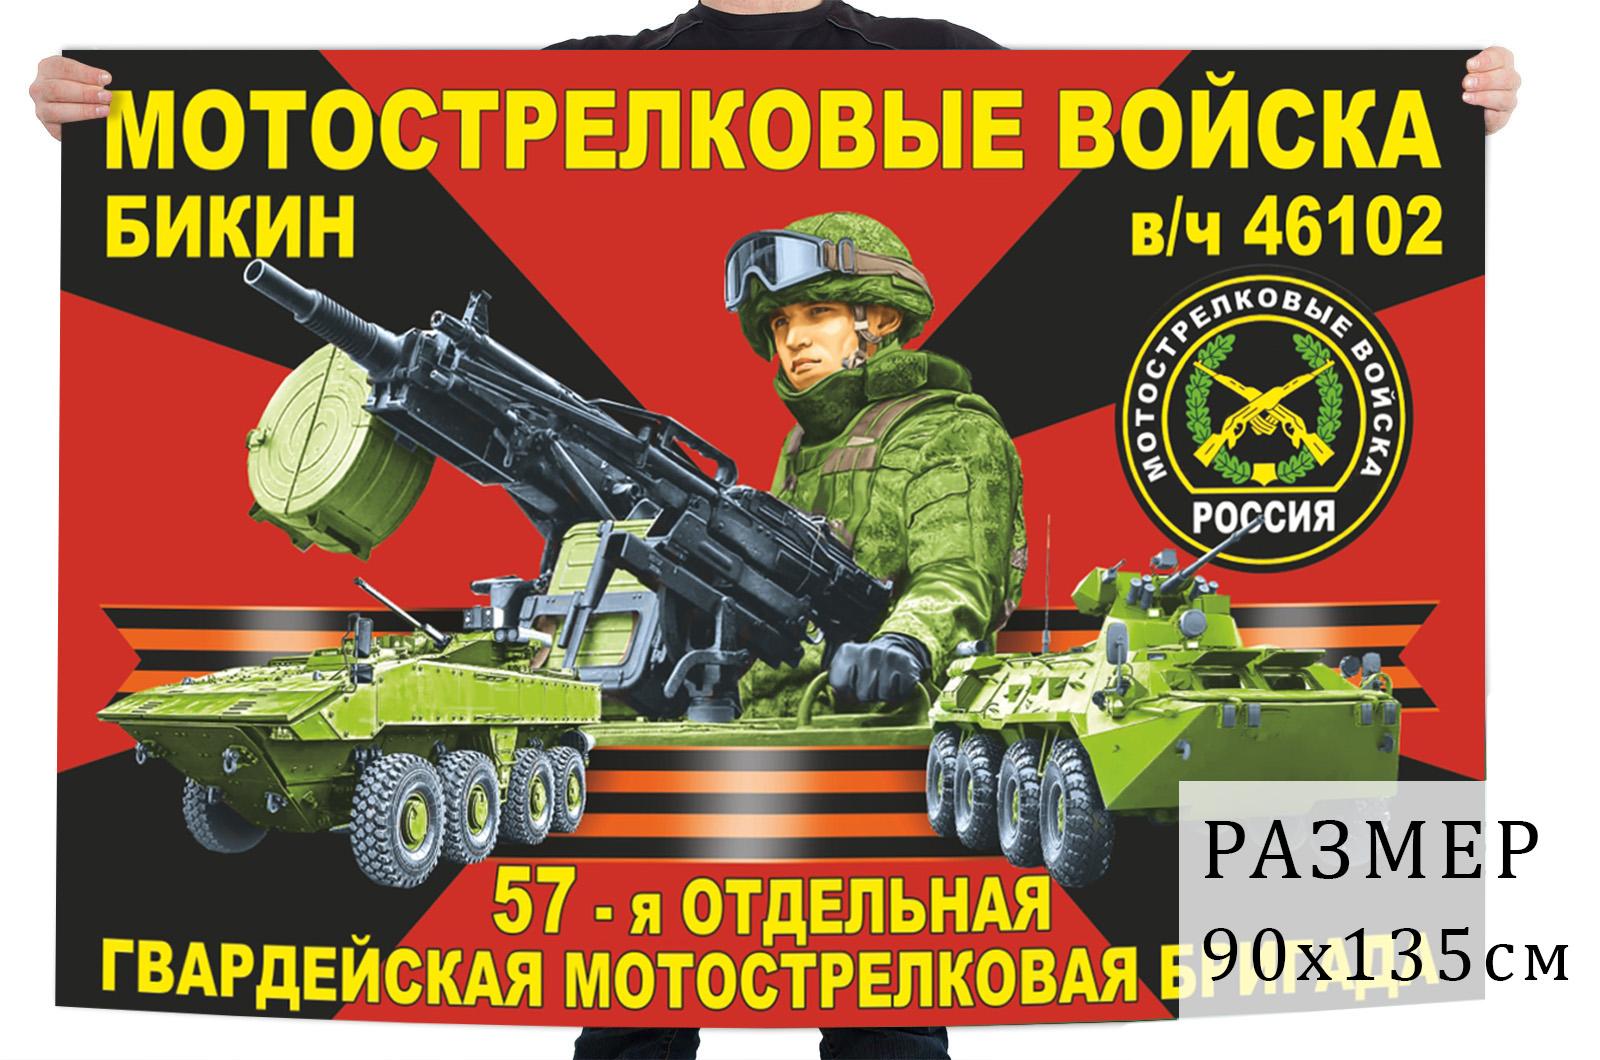 Флаг 57 отдельной гвардейской мотострелковой бригады